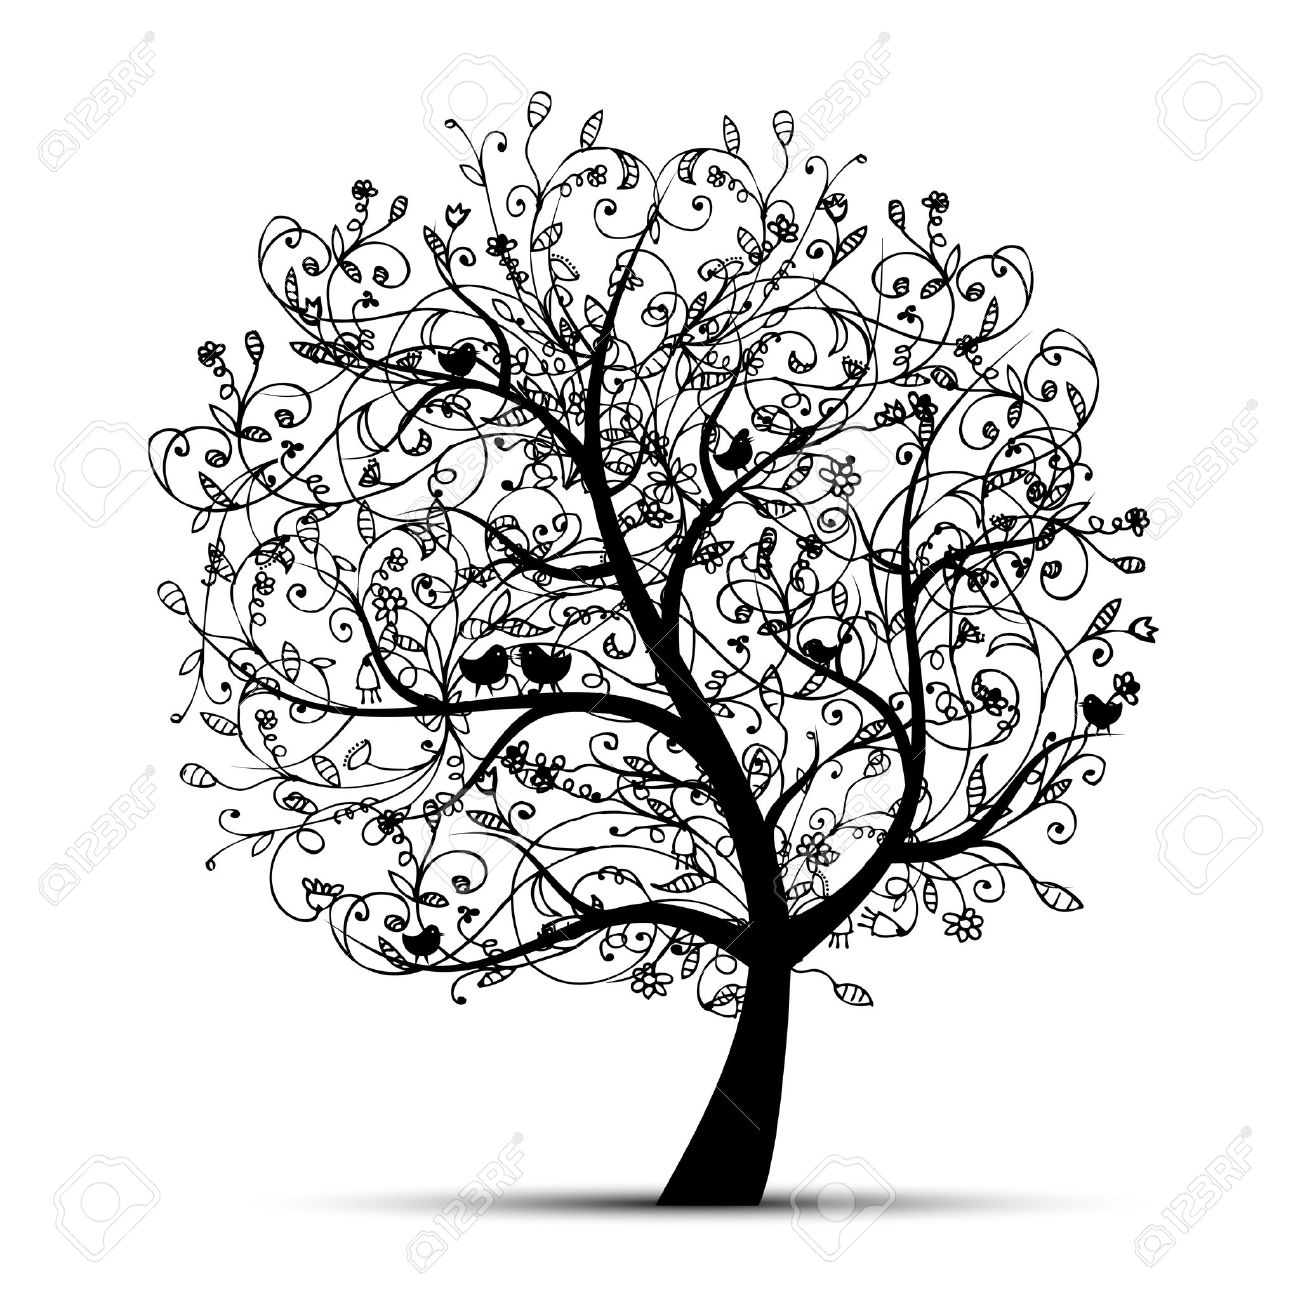 dessin arbres Arbre art beau silhouette noire pour votre design